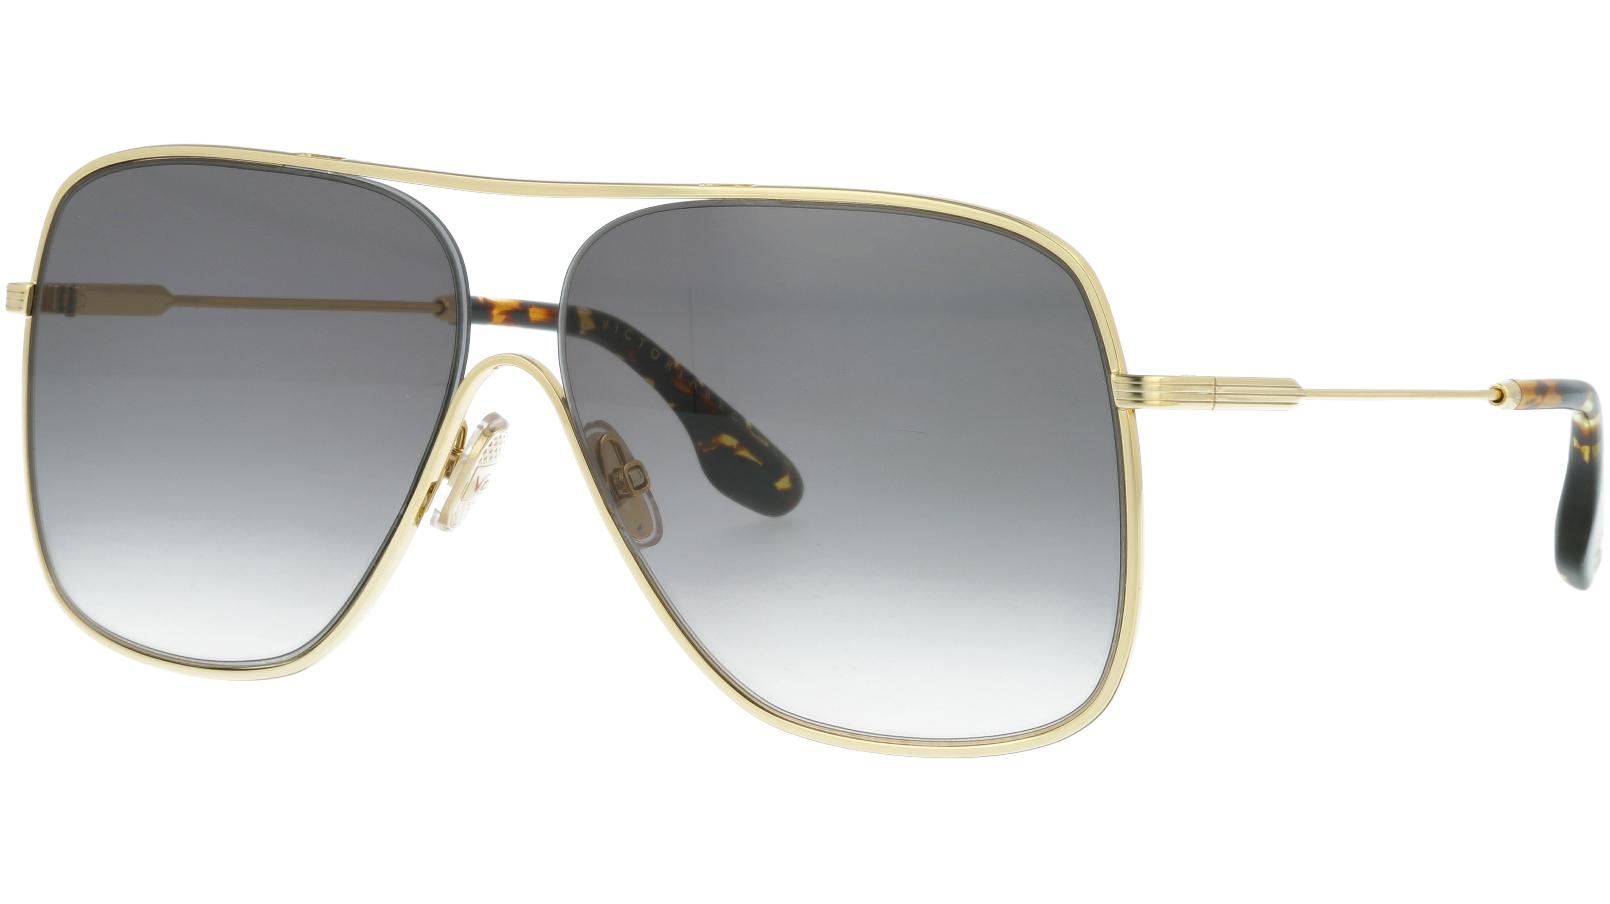 Victoria Beckham VB132S 701 61 Gold Sunglasses